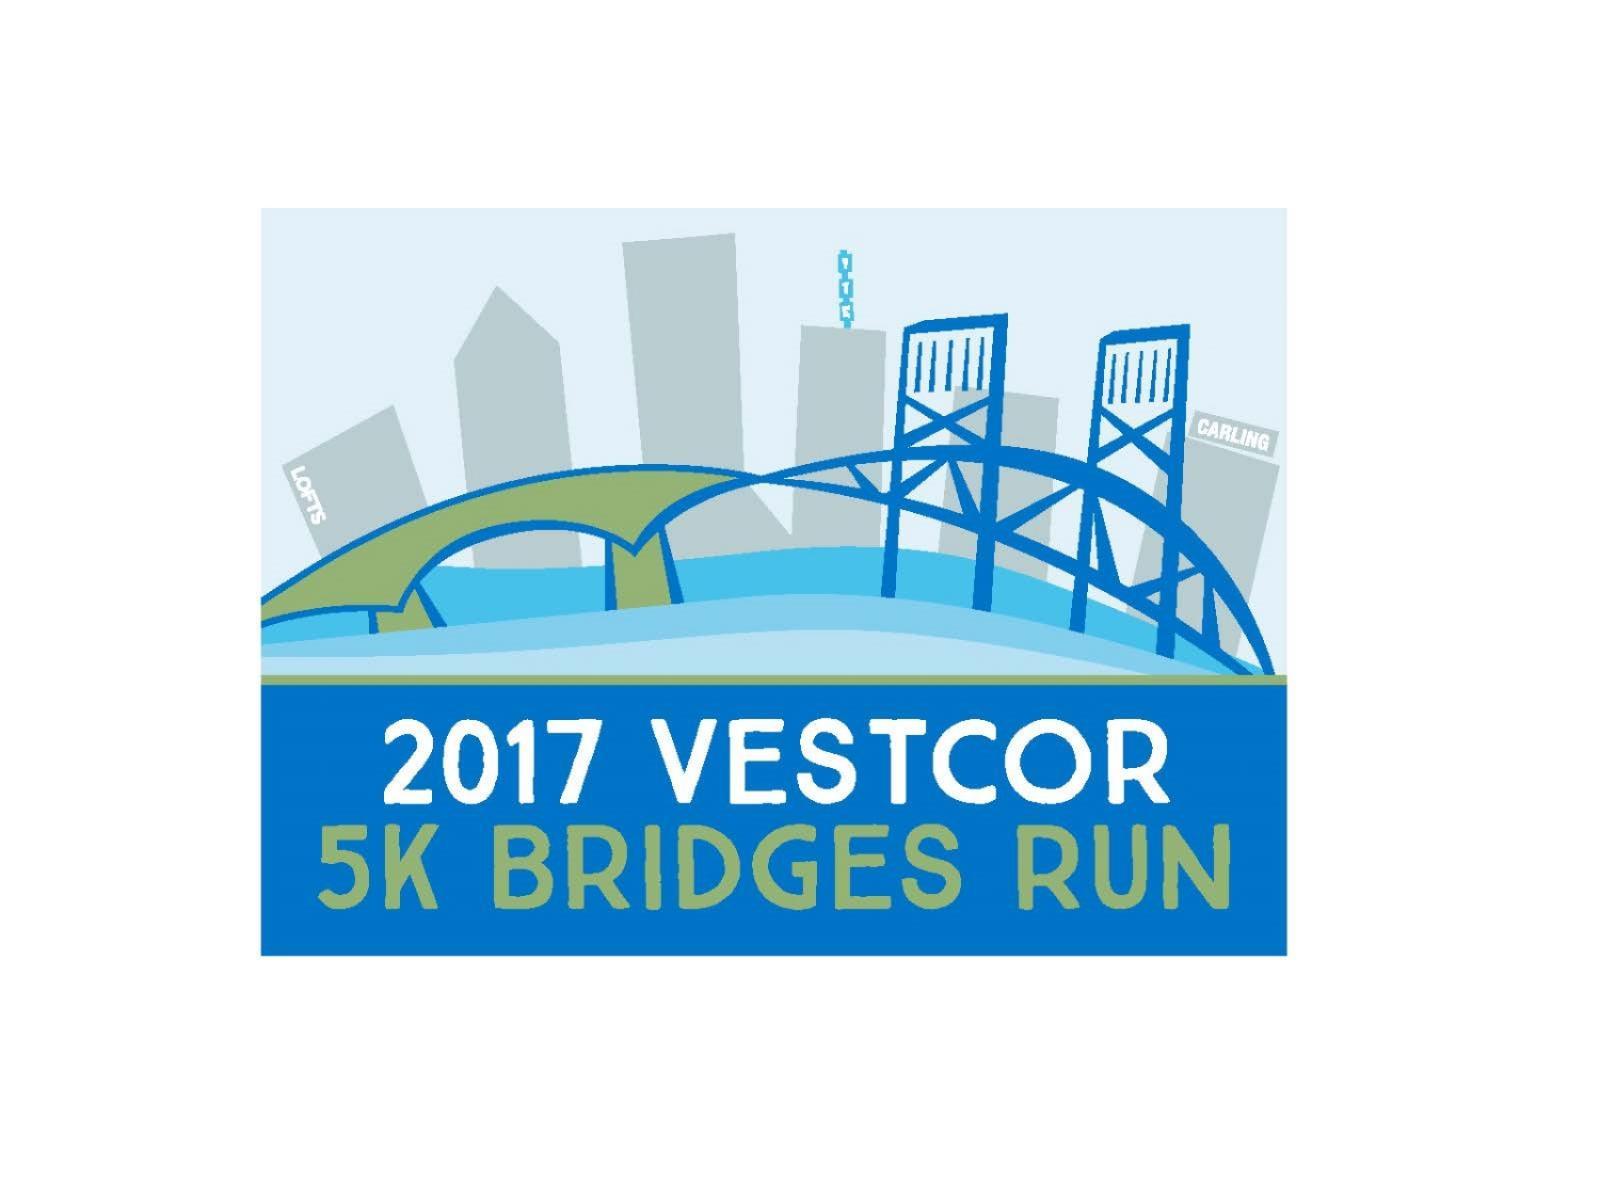 Vestcor 5K Bridges Run